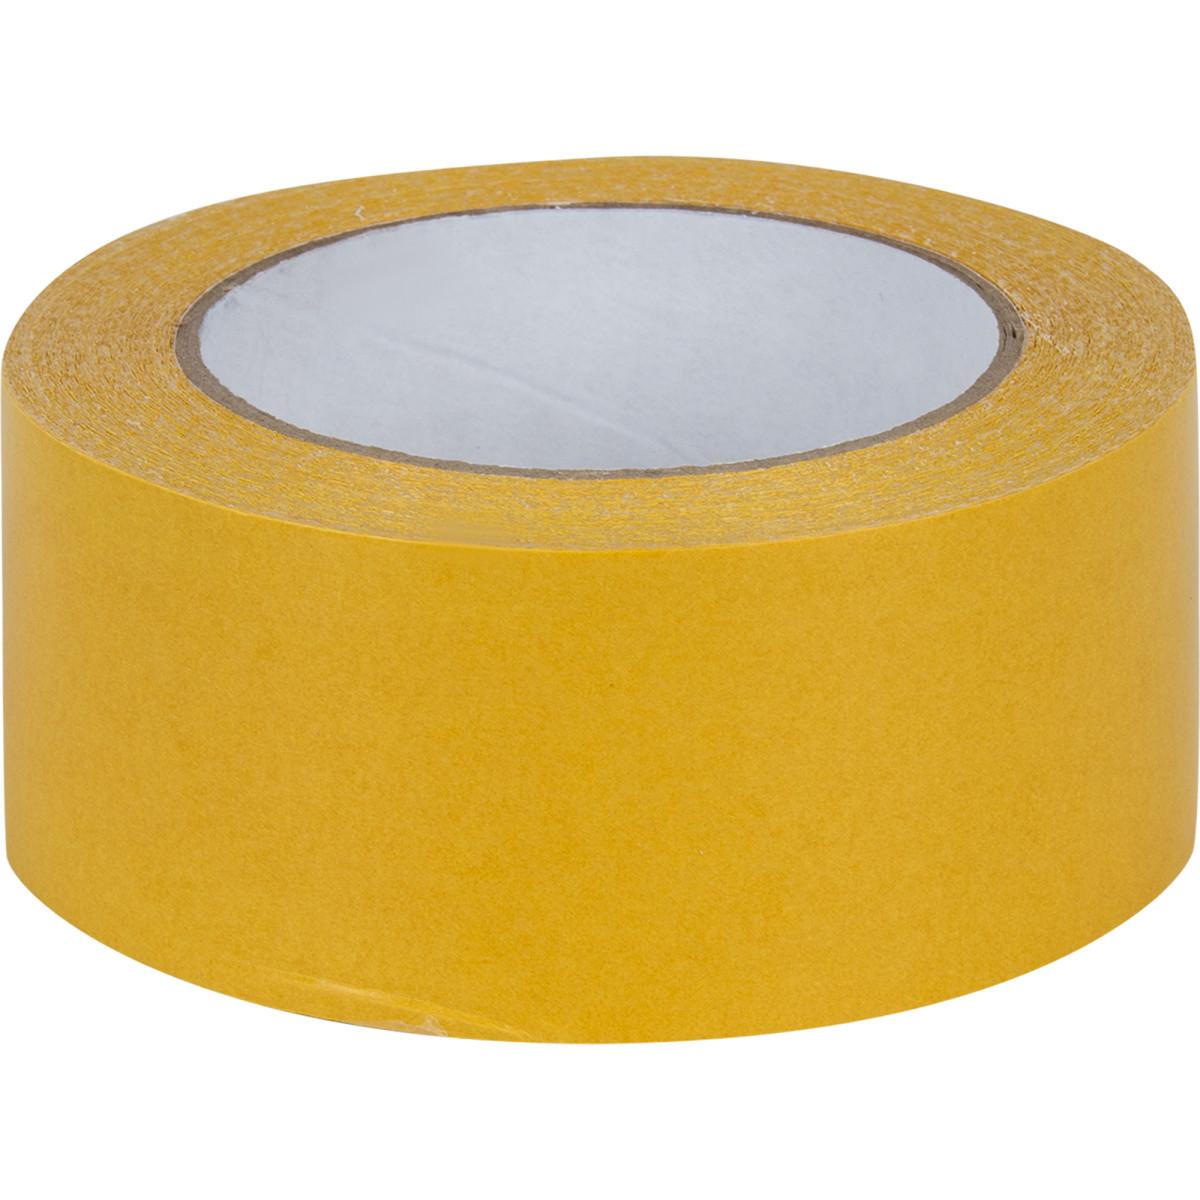 Лента клейкая двухсторонняя усиленной фиксации 0.05 мм х 25 м для укладки напольных покрытий